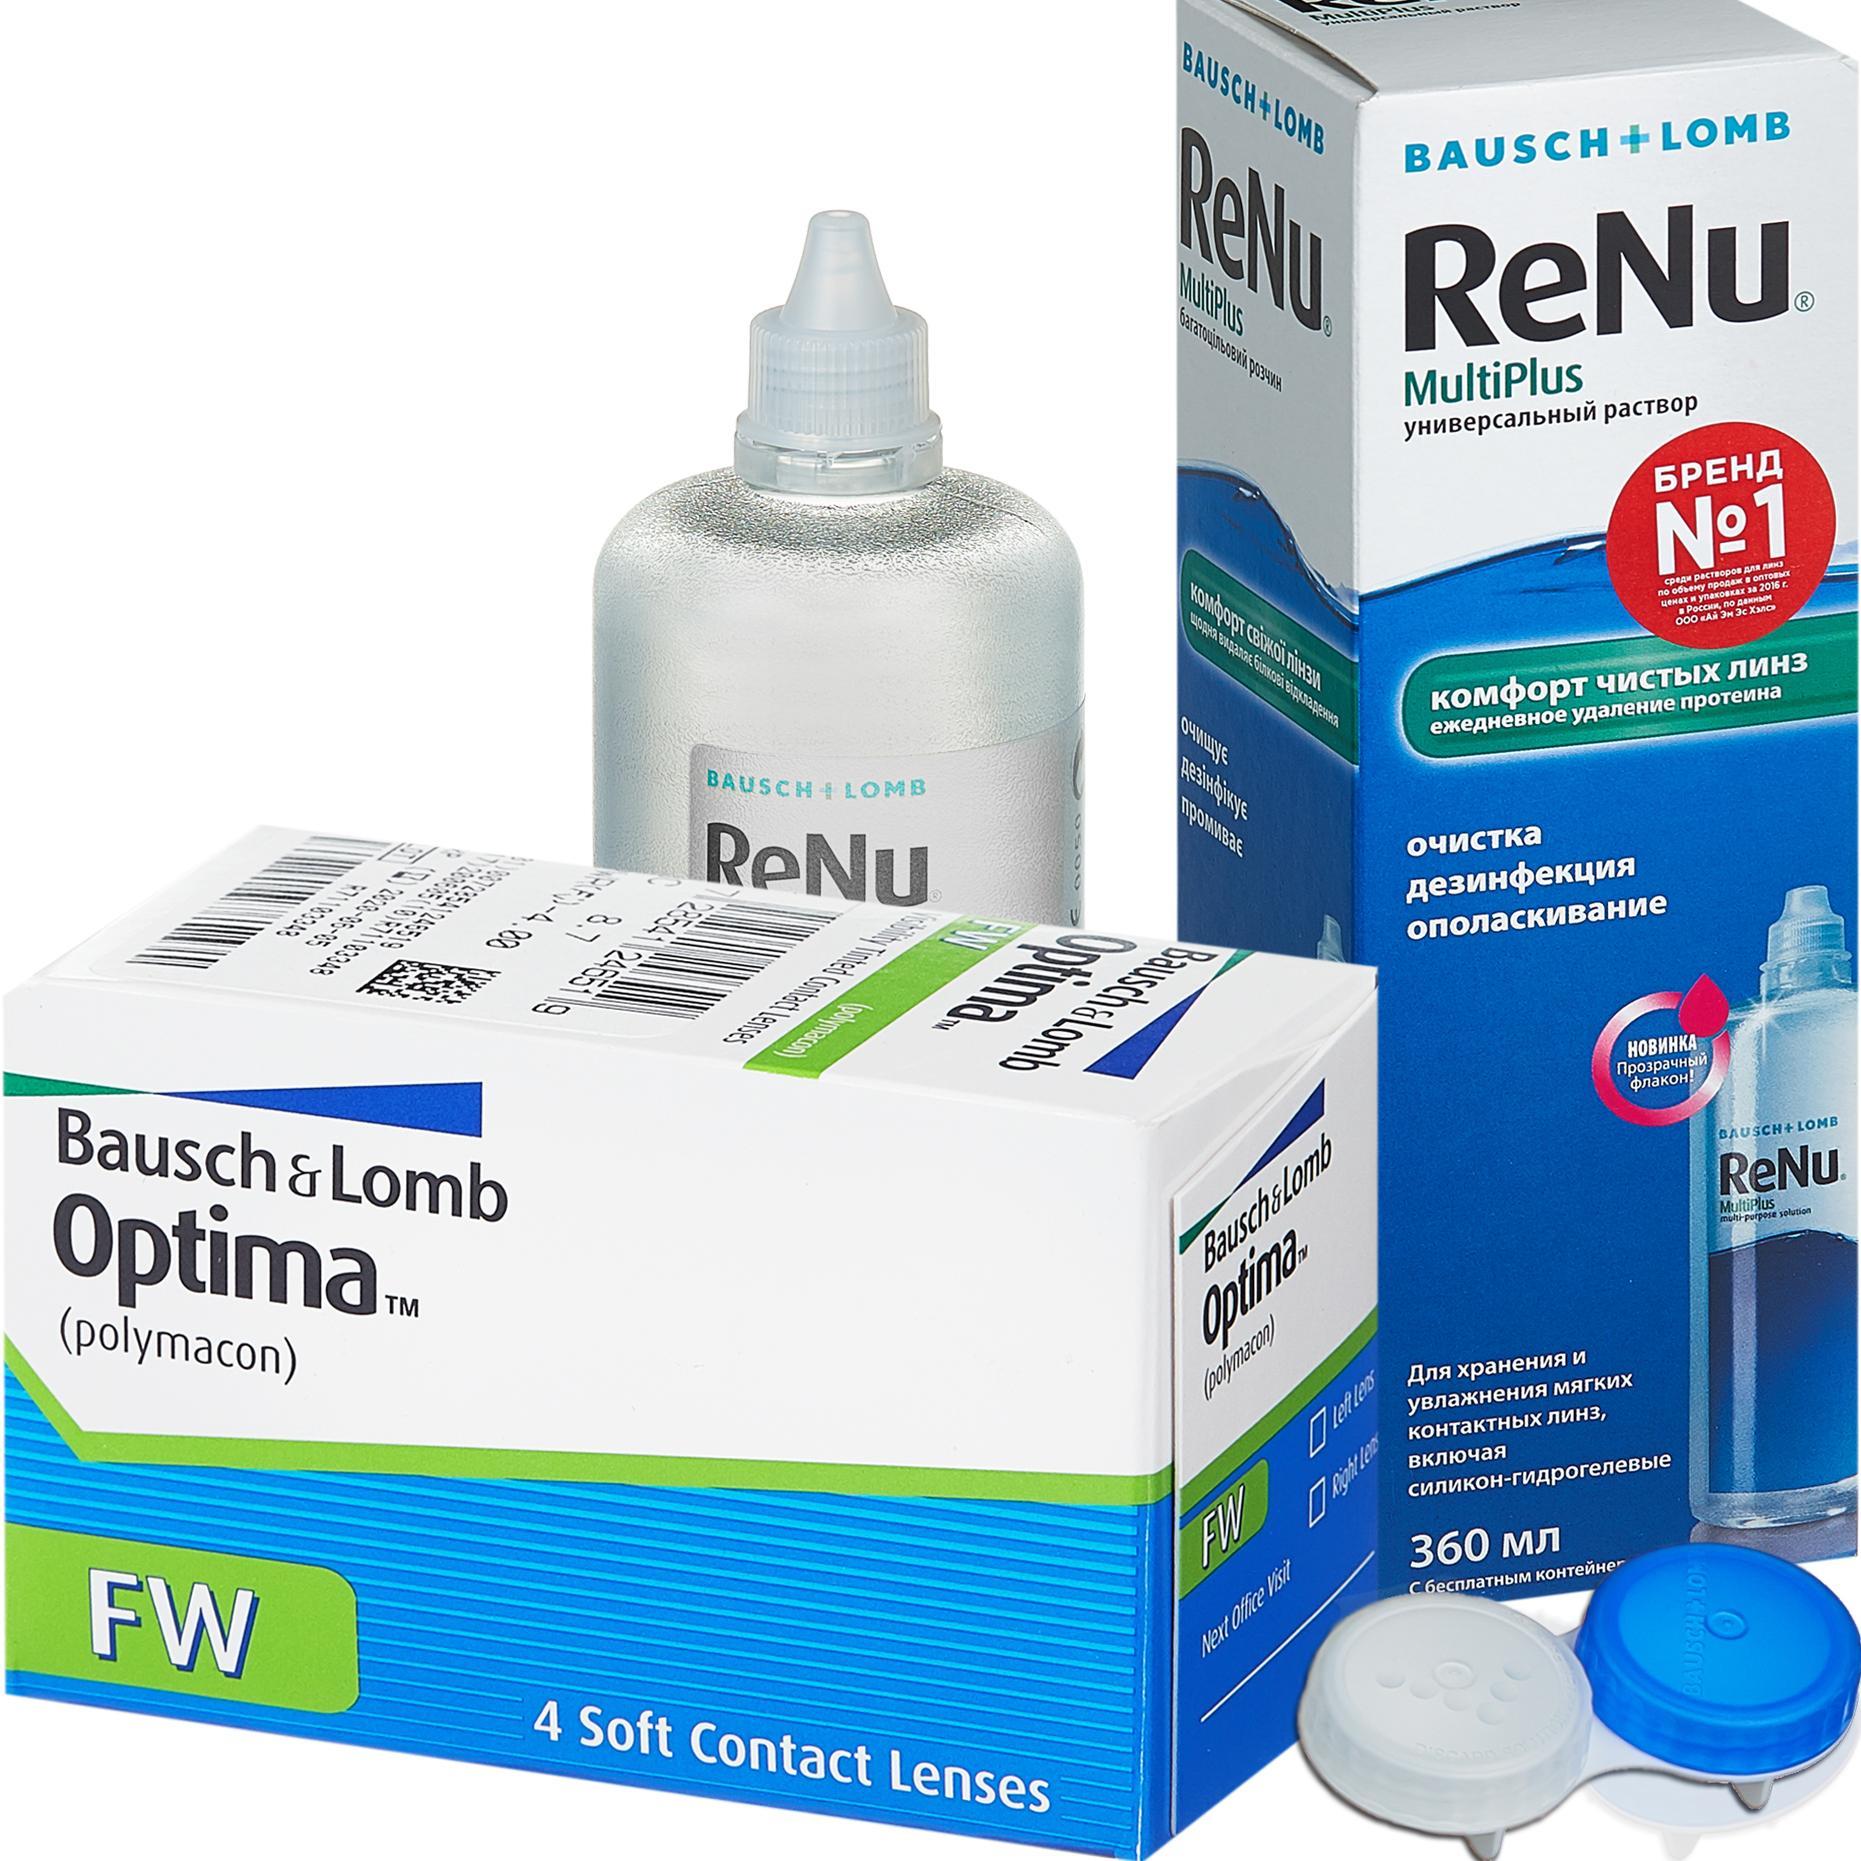 Купить Optima FW 4 линзы + ReNu MultiPlus, Контактные линзы Optima FW 4 линзы R 8.7 -0, 50 + Раствор ReNu Multi Plus 360 мл